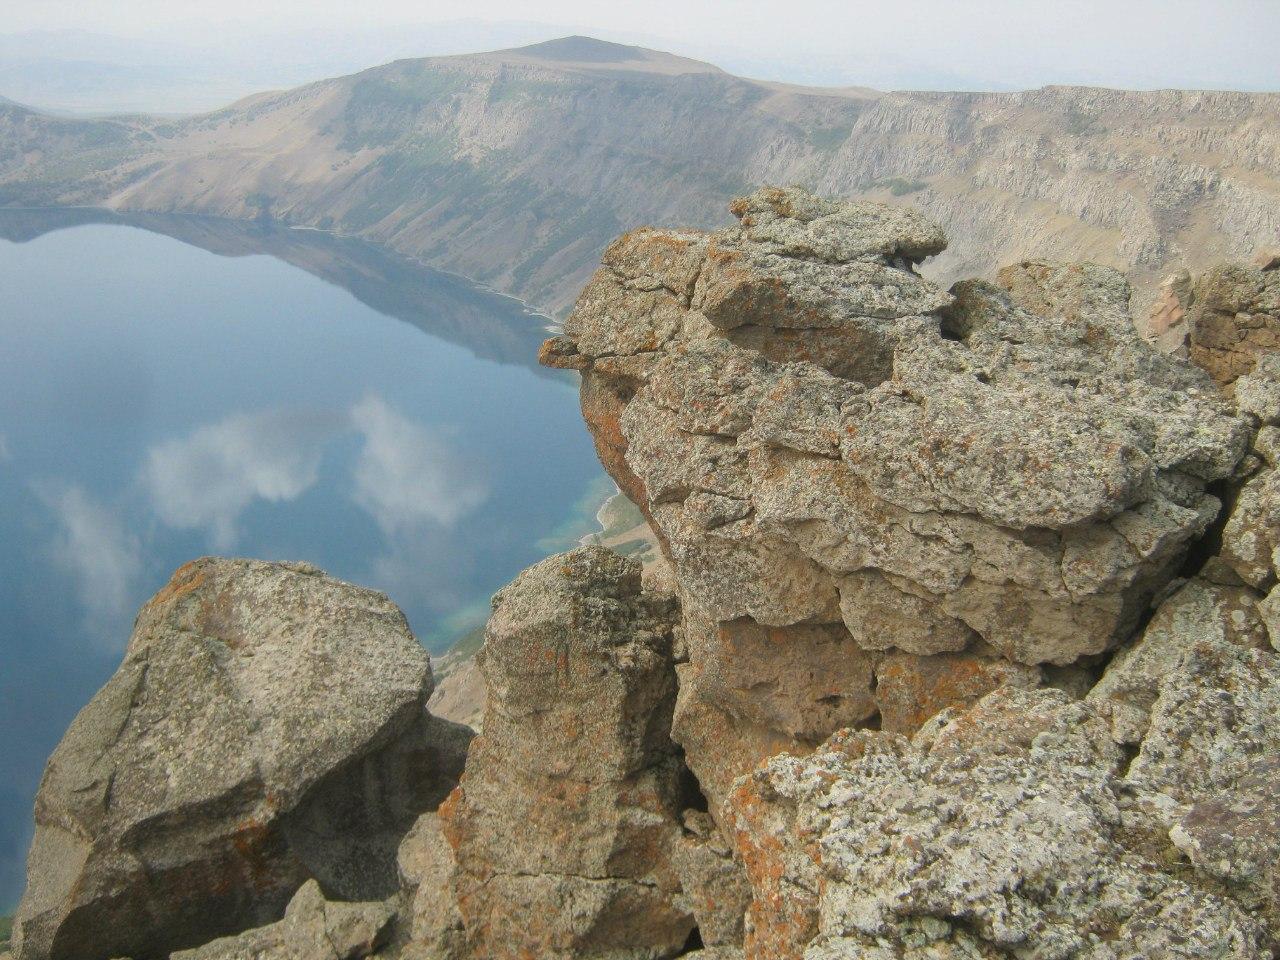 Lake Nemrut inside the crater of former volcano of Nemrut